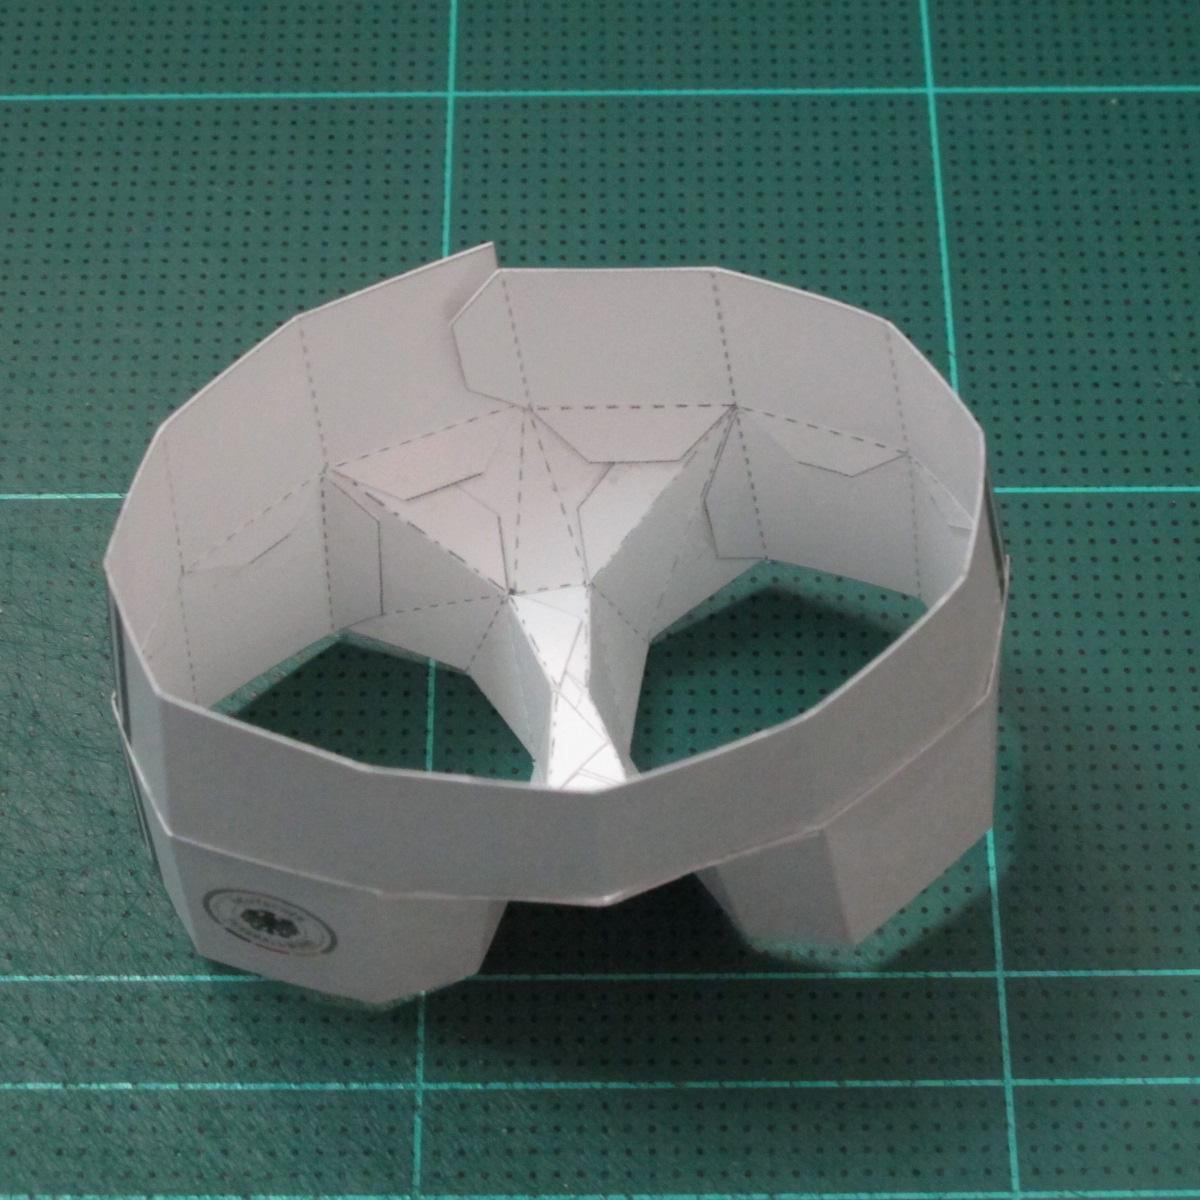 วิธีทำชุดนักบอลฟุตบอลโลก 2014 ทีมเยอร์มันสำหรับโมเดลหมีบราวน์ (FIFA World Cup  Soccer  Germany  Jersey Papercraft Model) 013